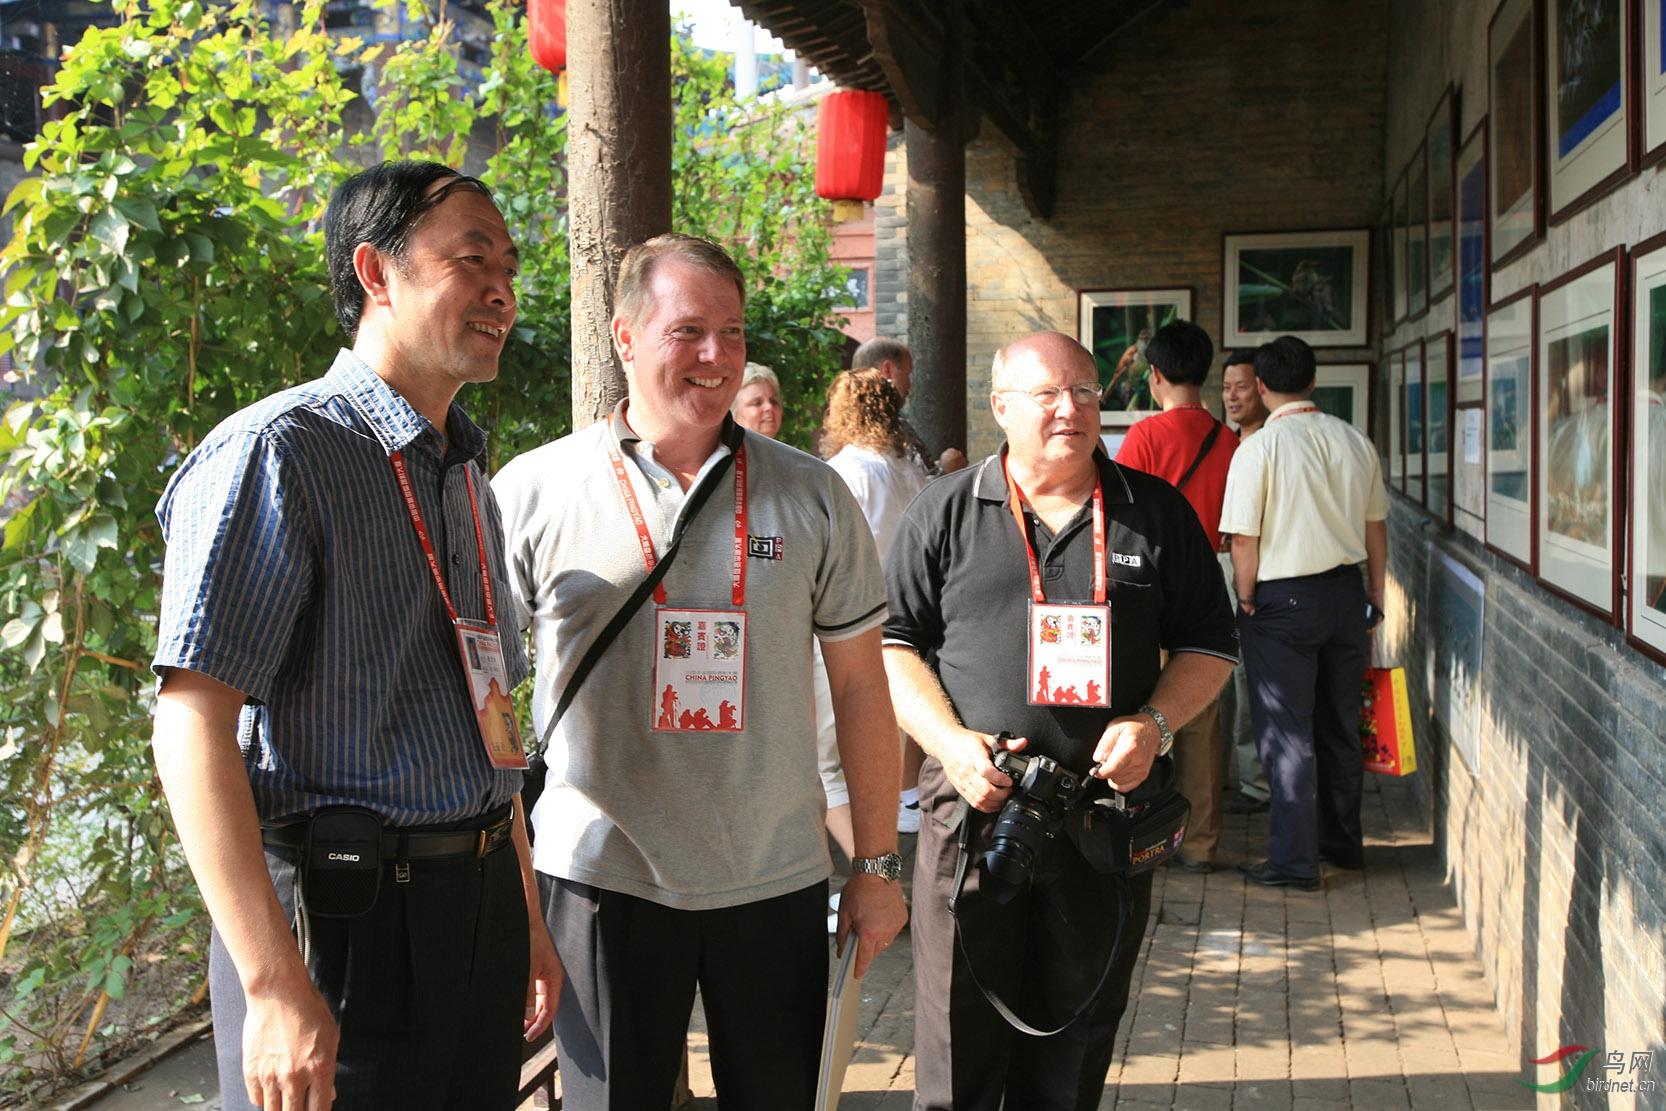 段文科2006年在中国平遥国际摄影大展上举办个人鸟类摄影展,这是平遥国际摄影大展上首次展出的鸟类题材的作品-图为美国专业摄影家协会秘书长参观段文科野生鸟类摄影展.jpg